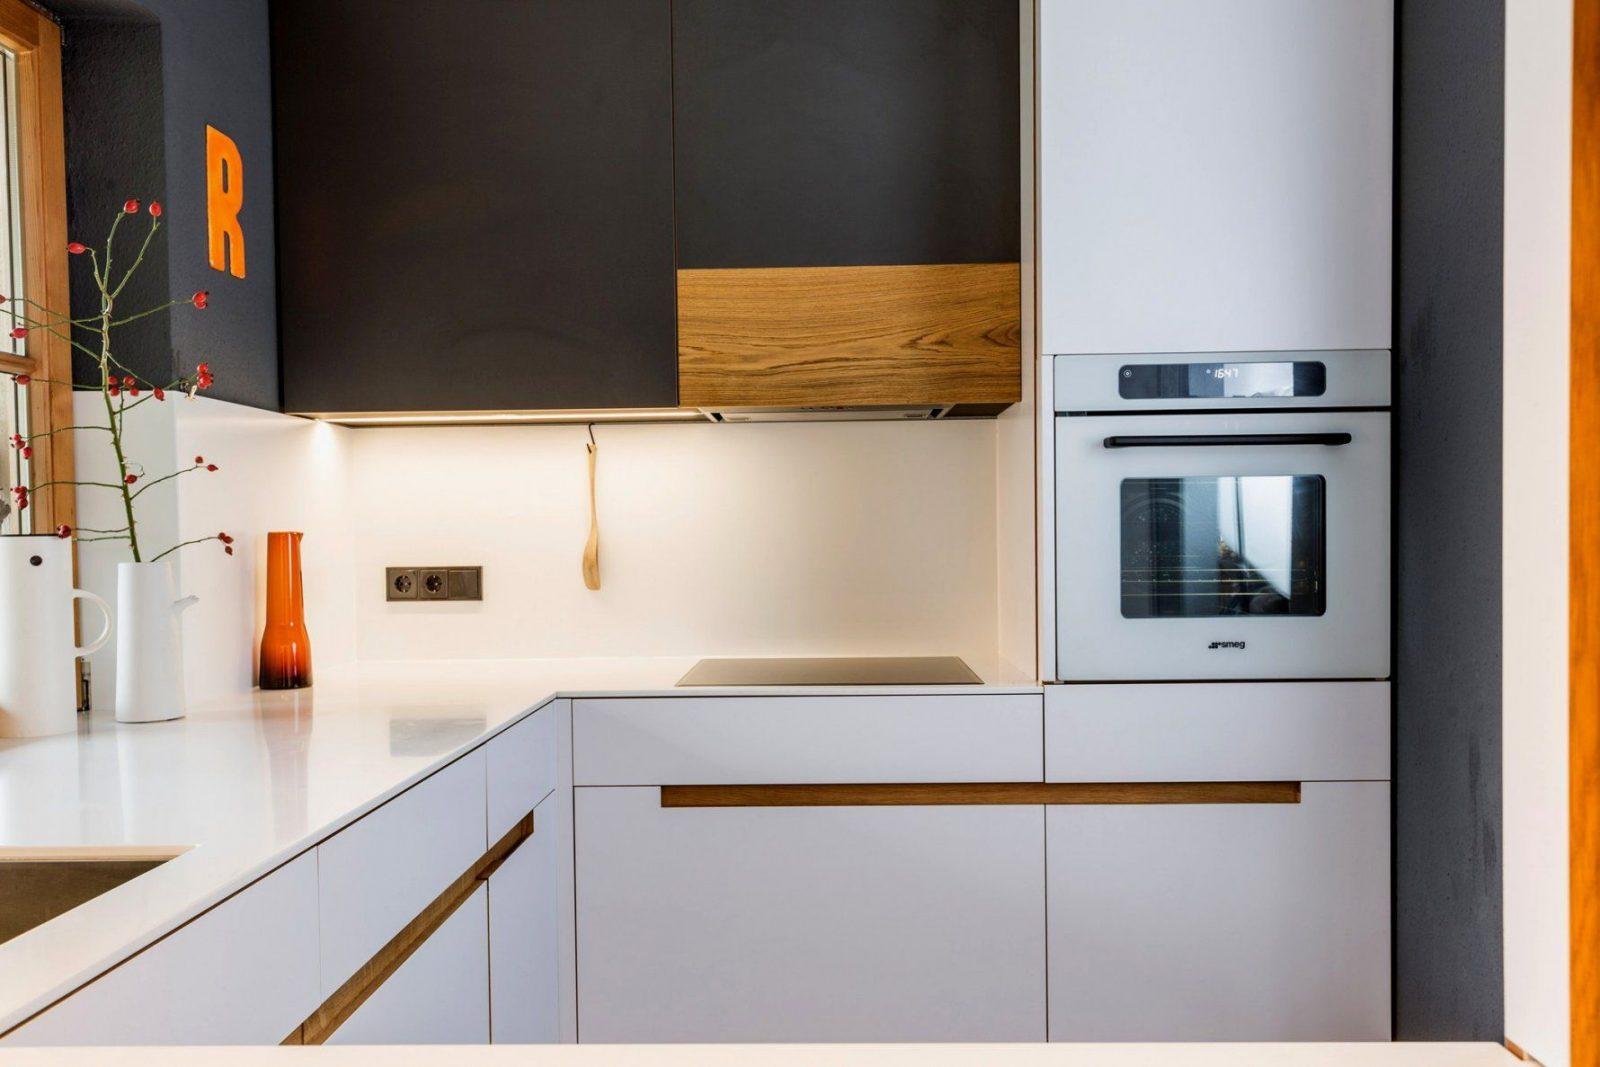 Luxus Küchenlösungen Für Kleine Küchen Hervorragend Kã Chenlã Sungen von Küchenlösungen Für Kleine Küchen Bild